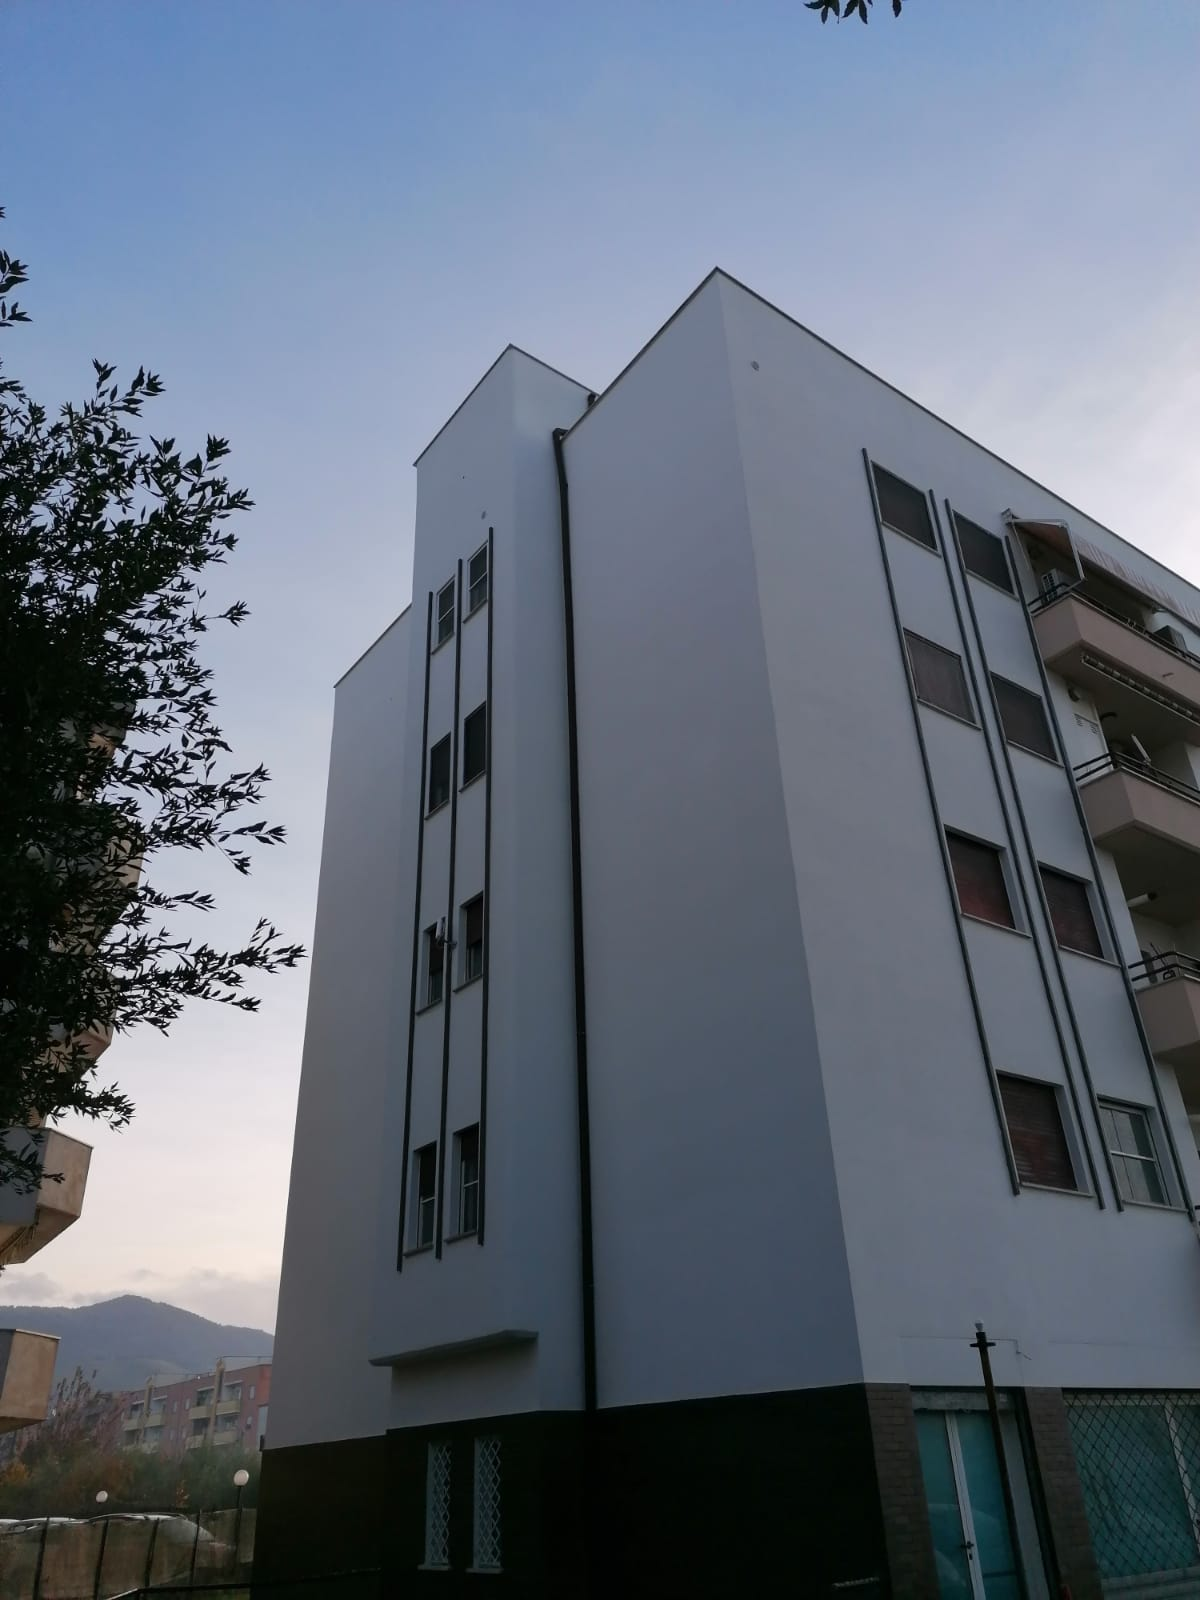 manutenzione-condomini-restauri-civili-indistriali-latina-palazzo